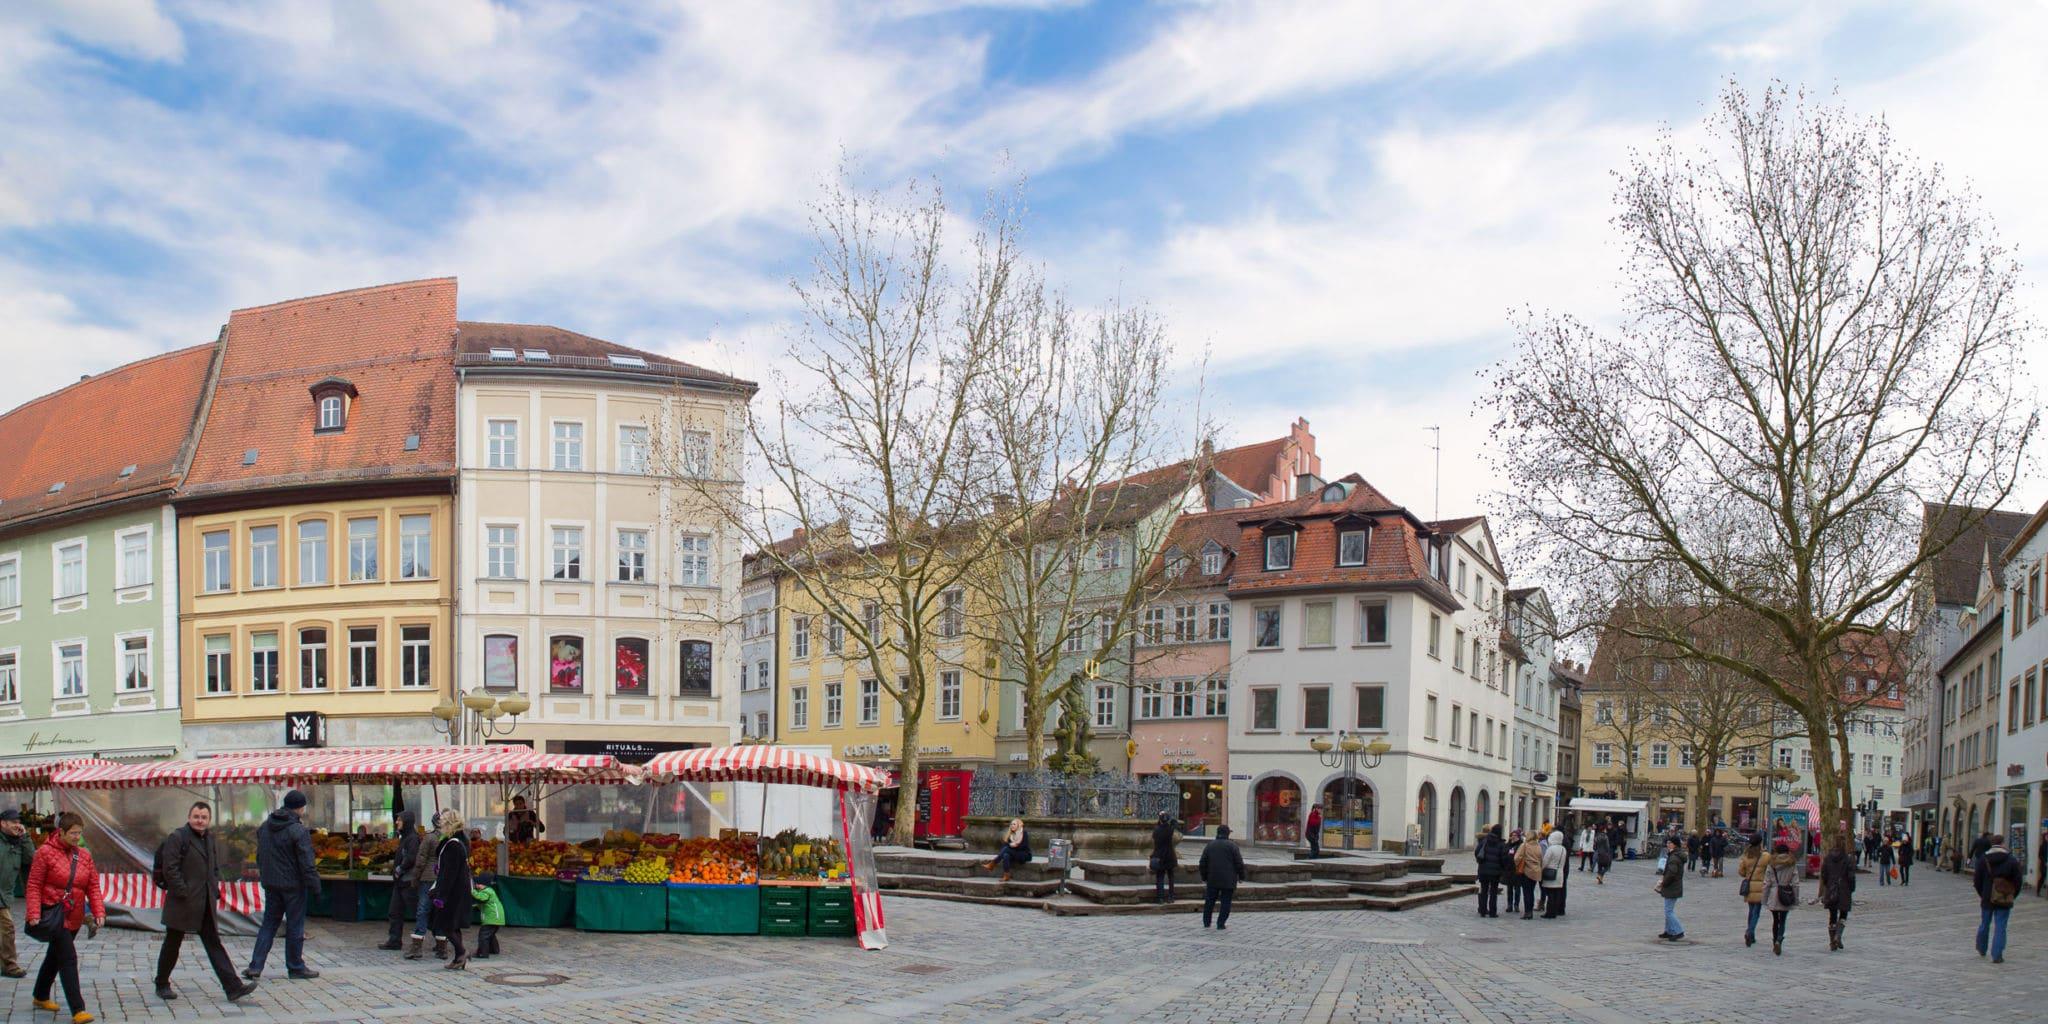 gruener markt - Grüner Markt mit Gabelmann